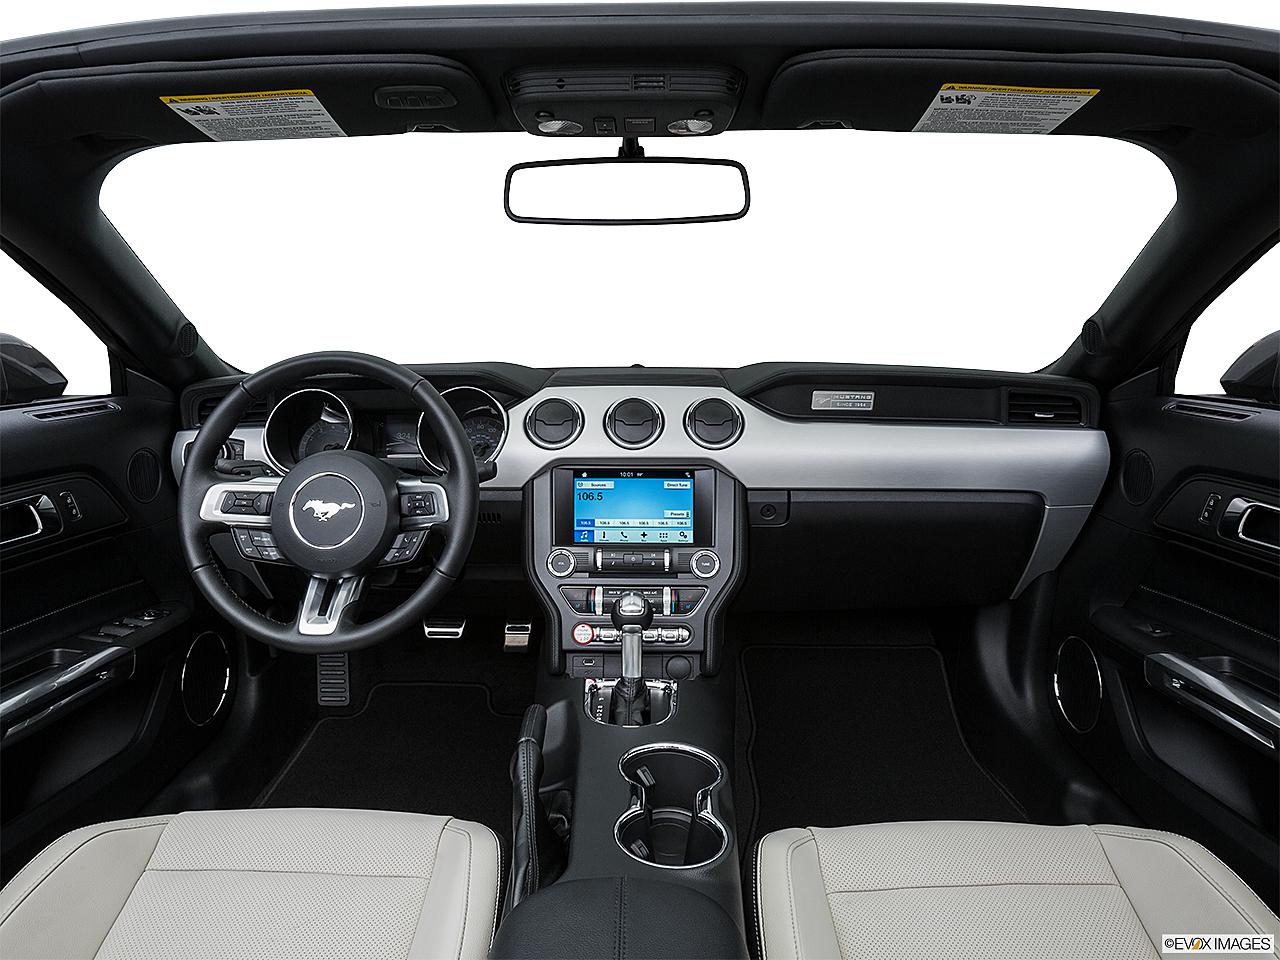 2016 ford mustang v6 centered wide dash shot